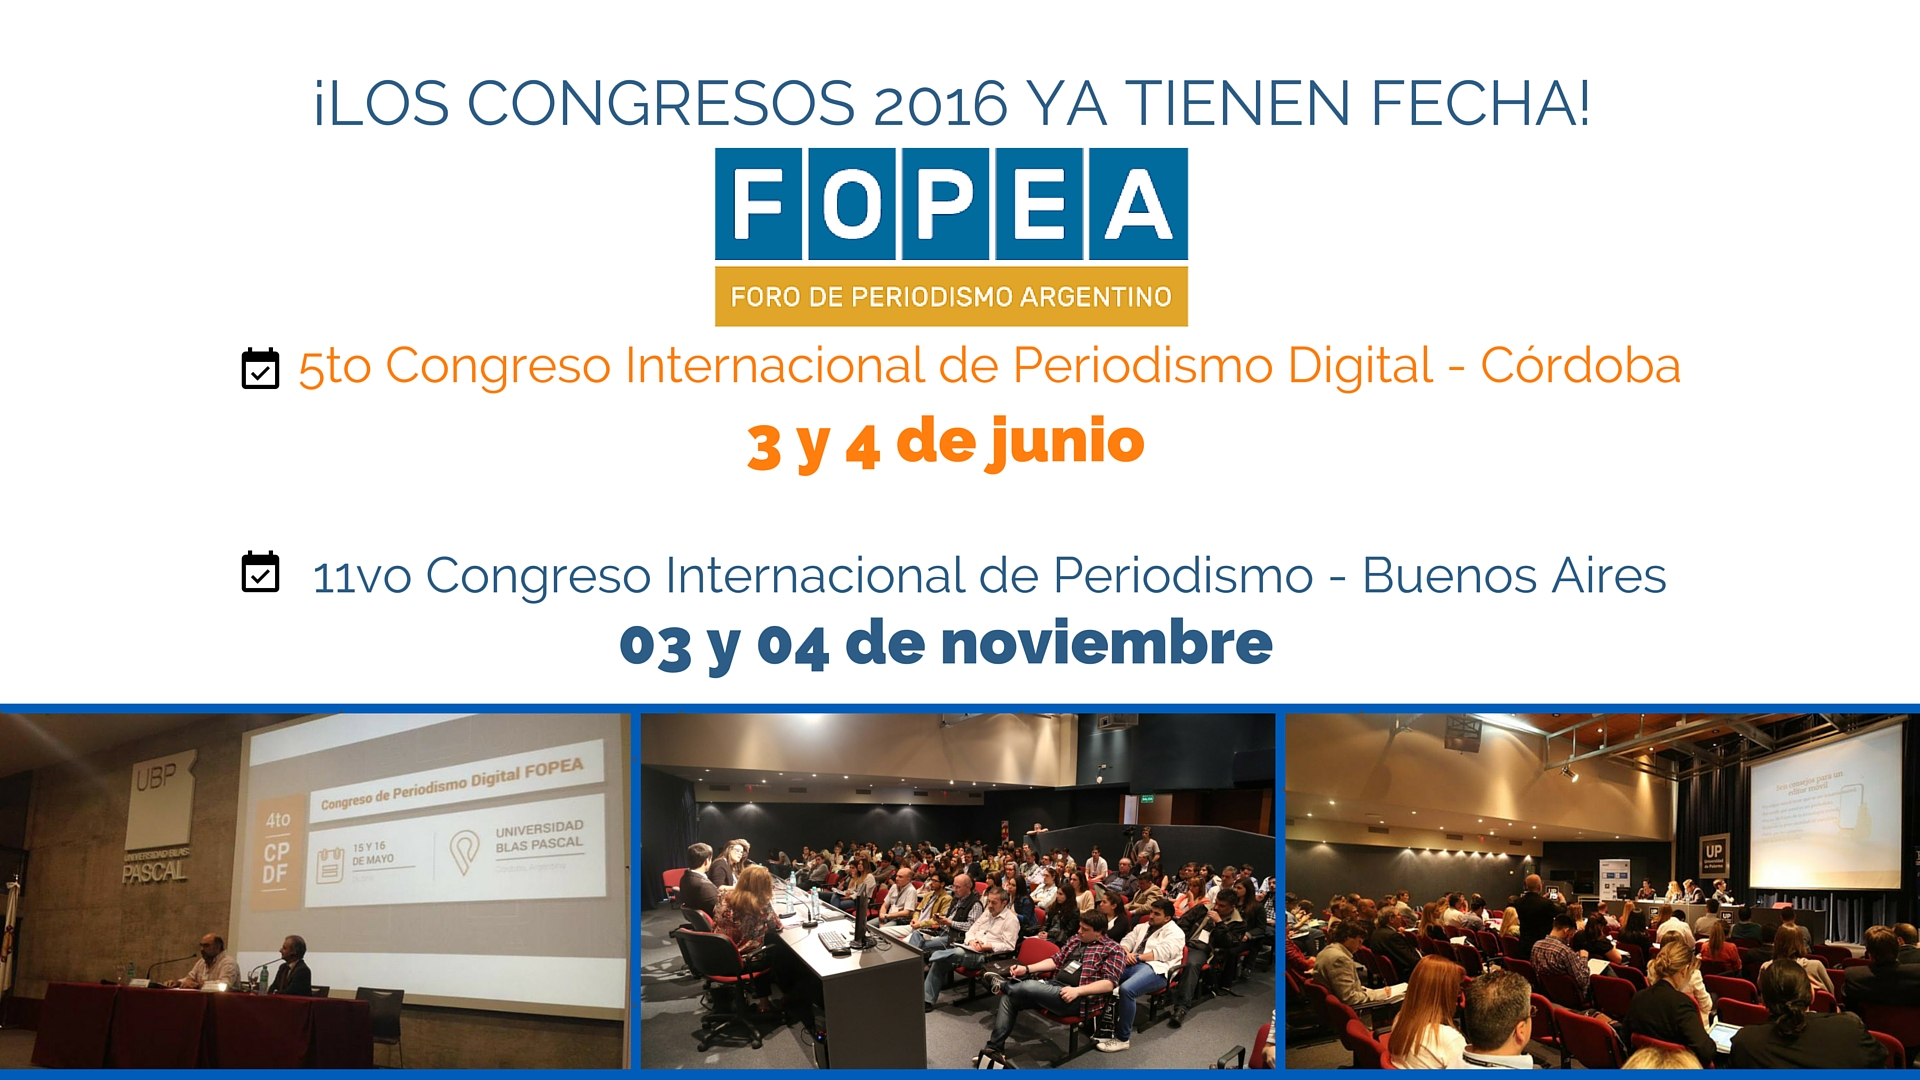 Congresos2016